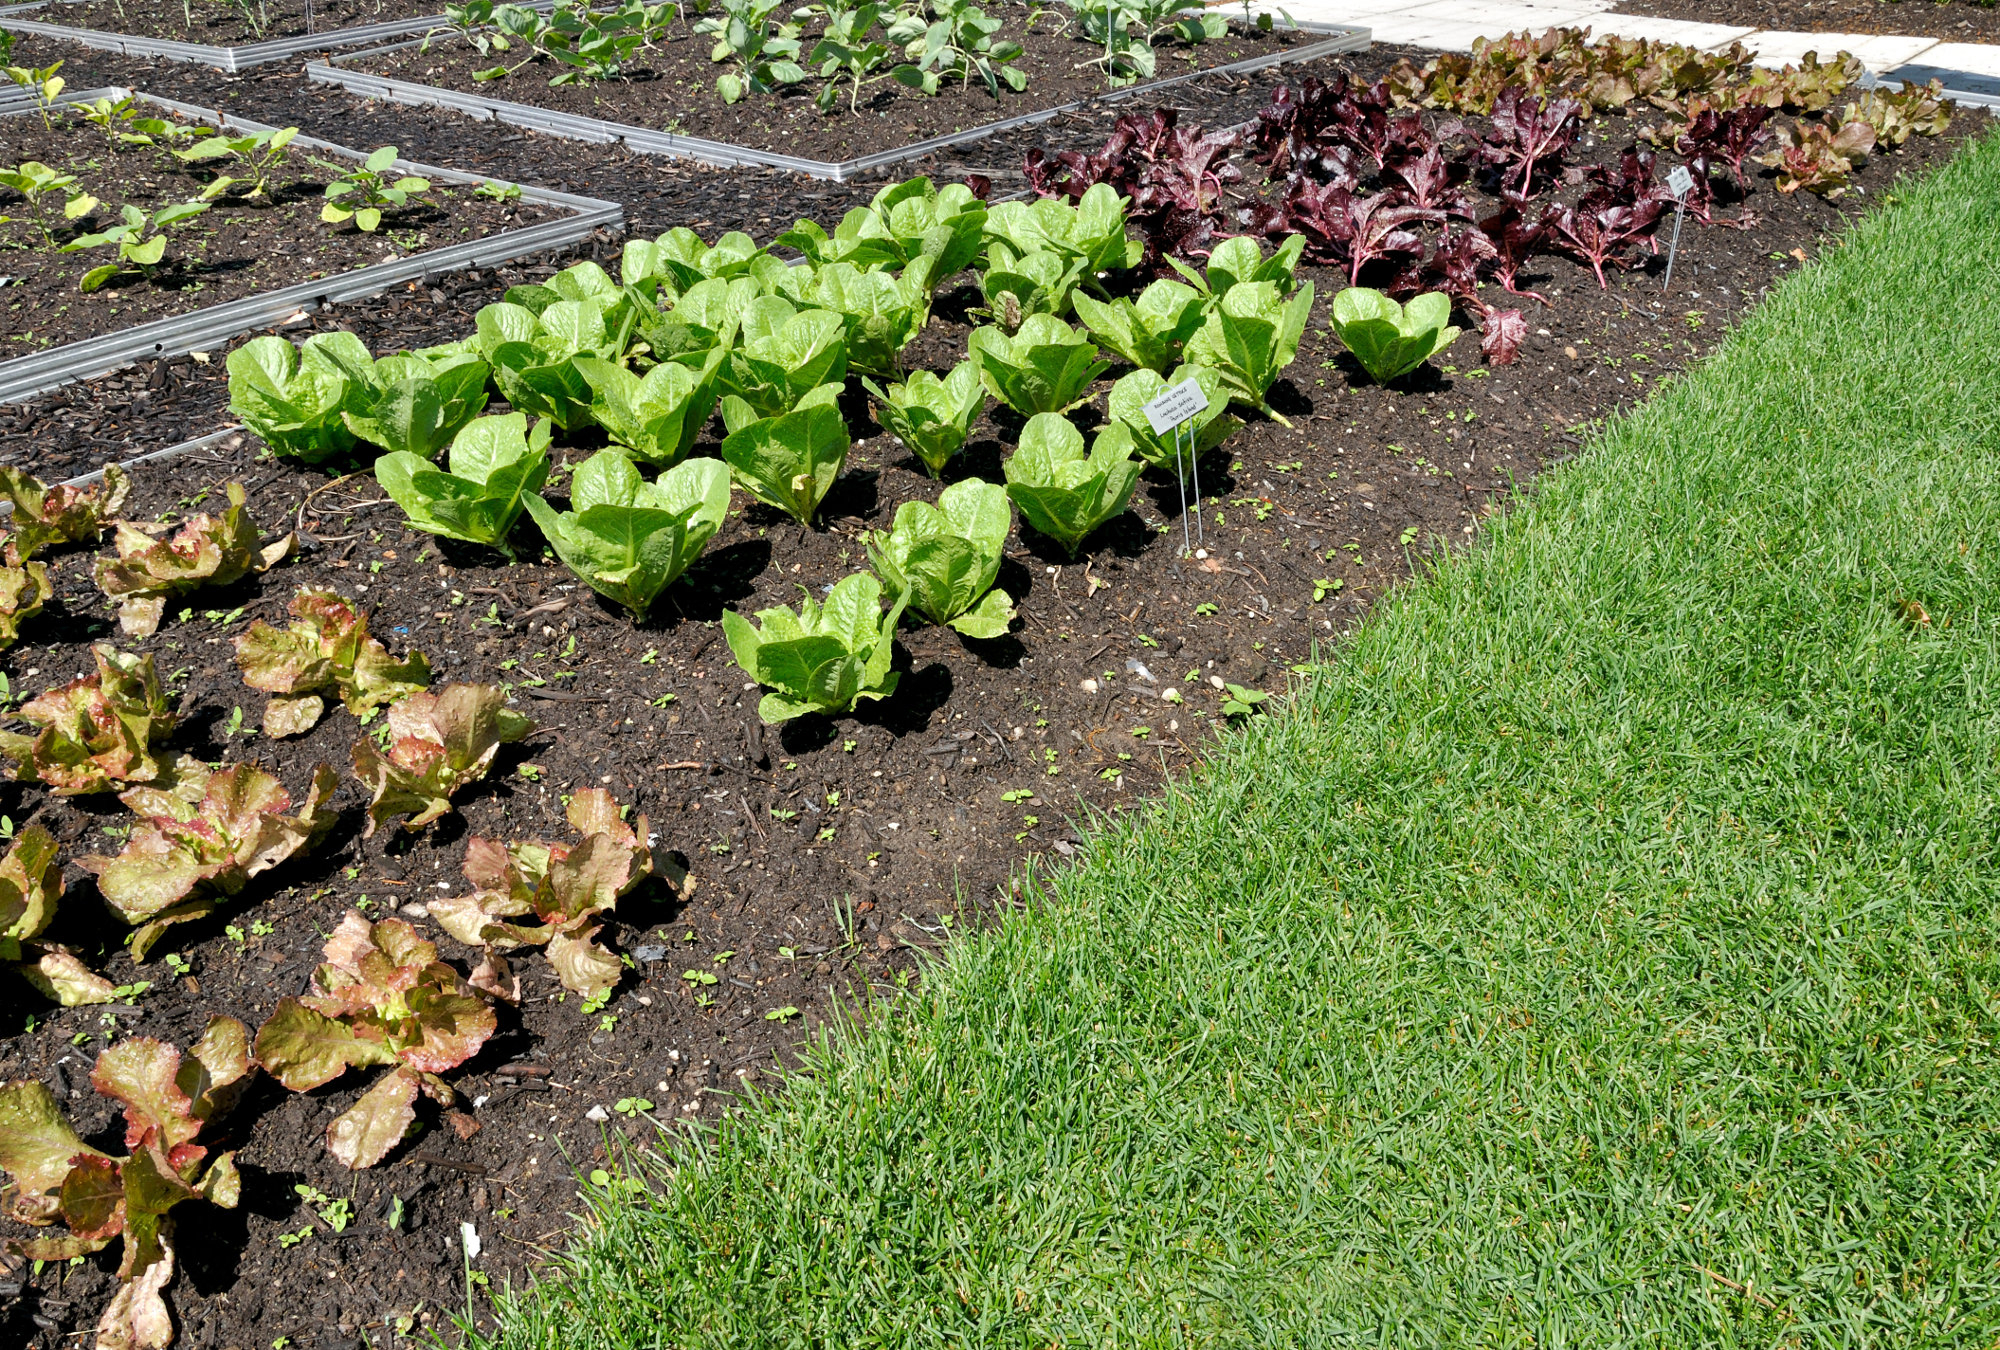 Comment Réussir À Cultiver Son Jardin Potager En S'amusant ! tout Faire Un Petit Potager Dans Son Jardin